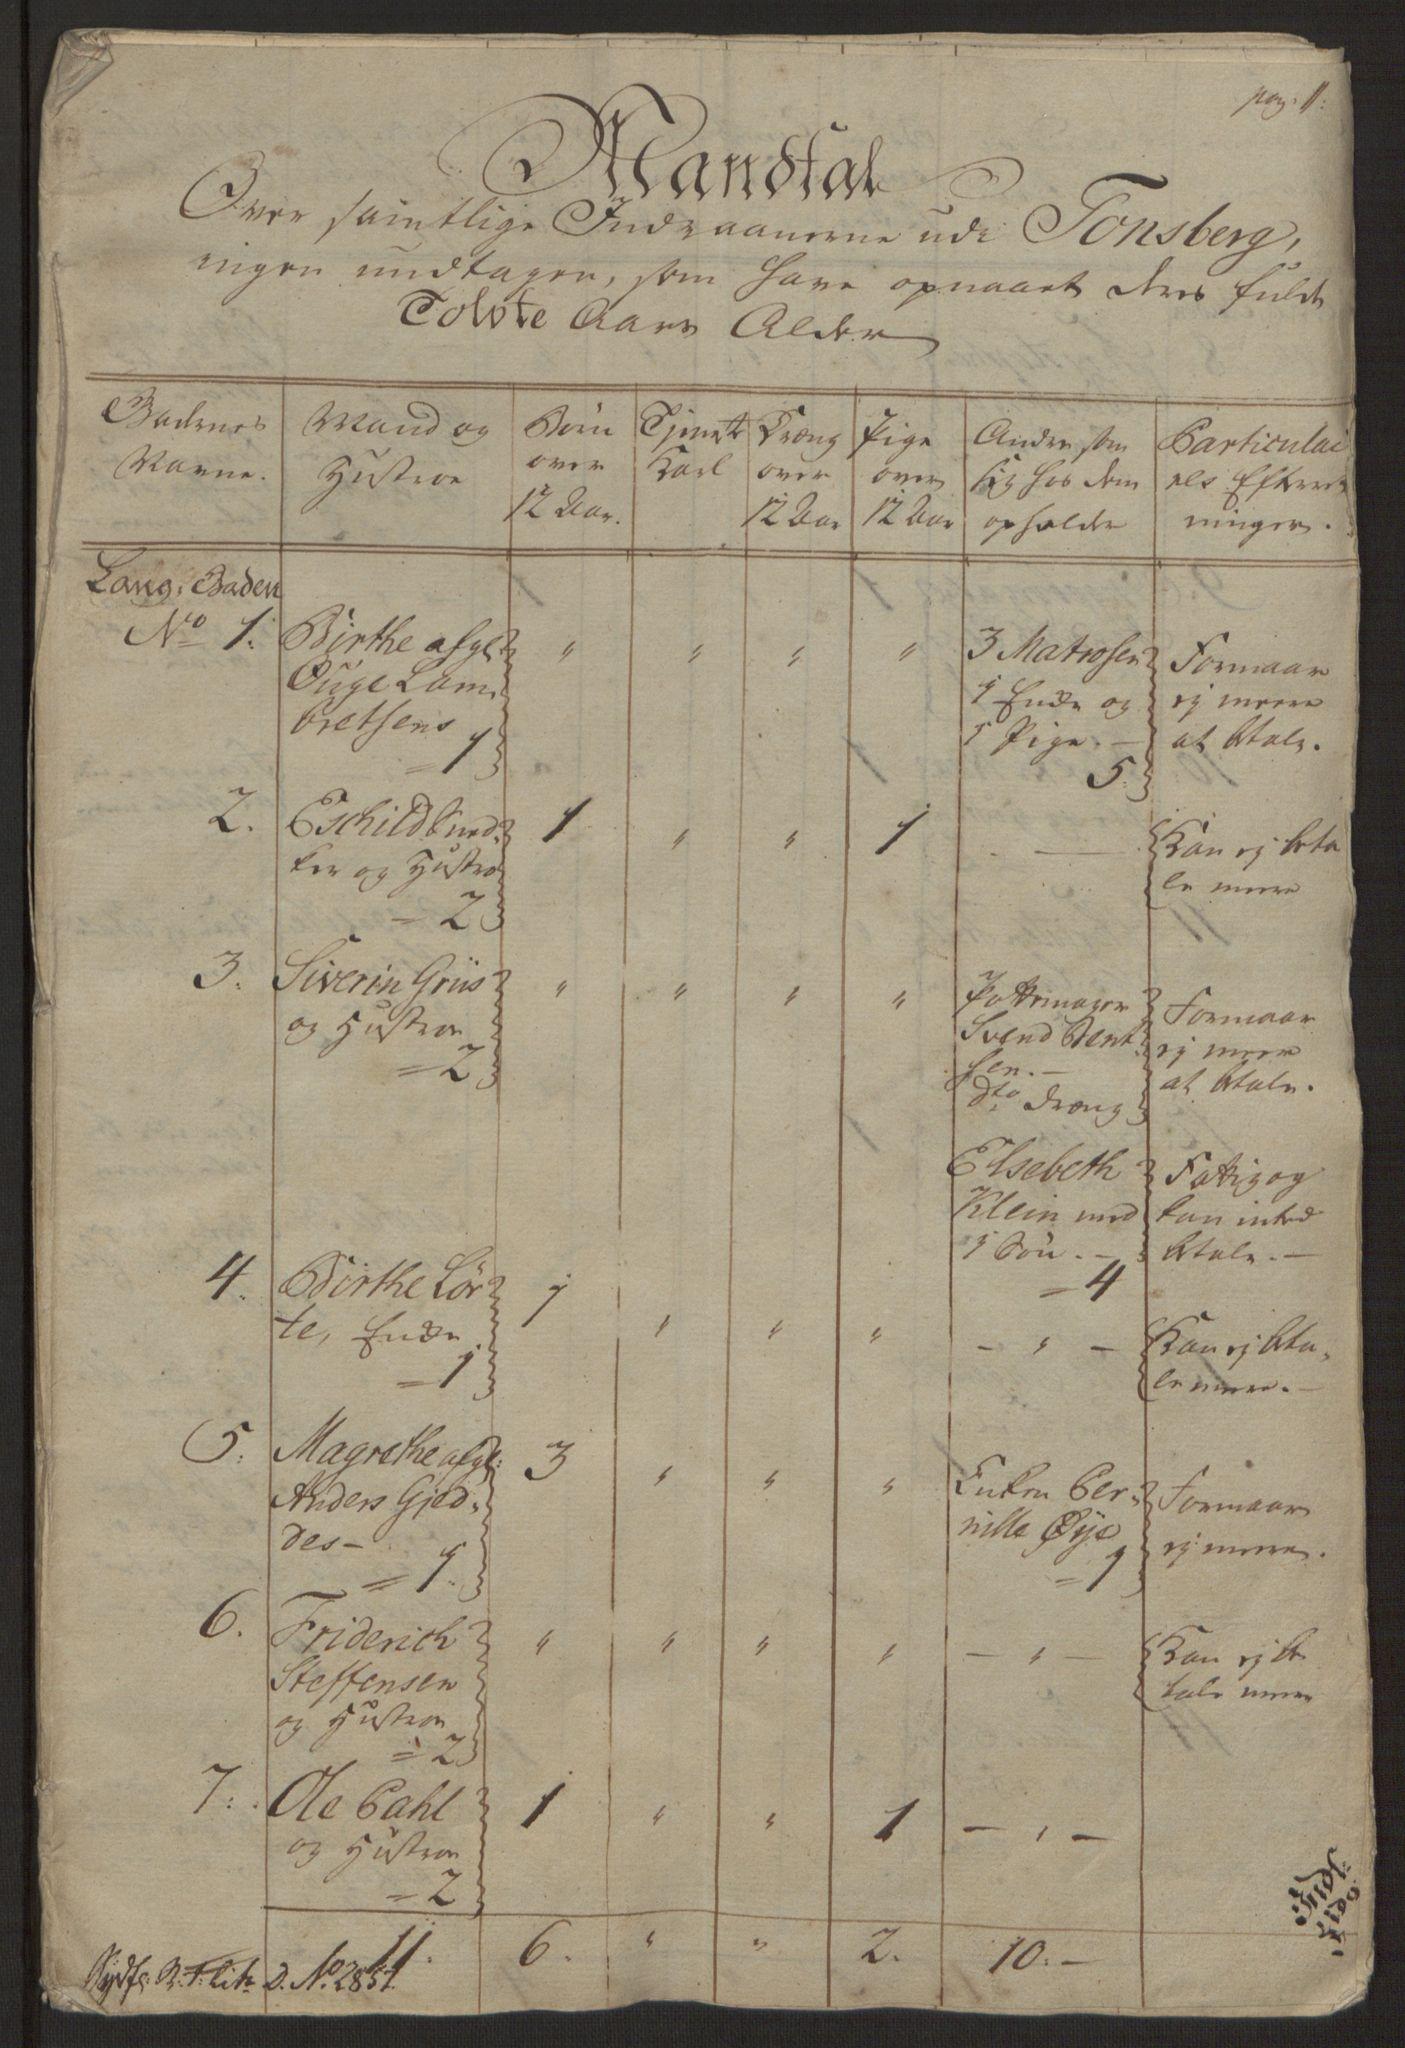 RA, Rentekammeret inntil 1814, Reviderte regnskaper, Byregnskaper, R/Rh/L0162: [H4] Kontribusjonsregnskap, 1762-1772, s. 11